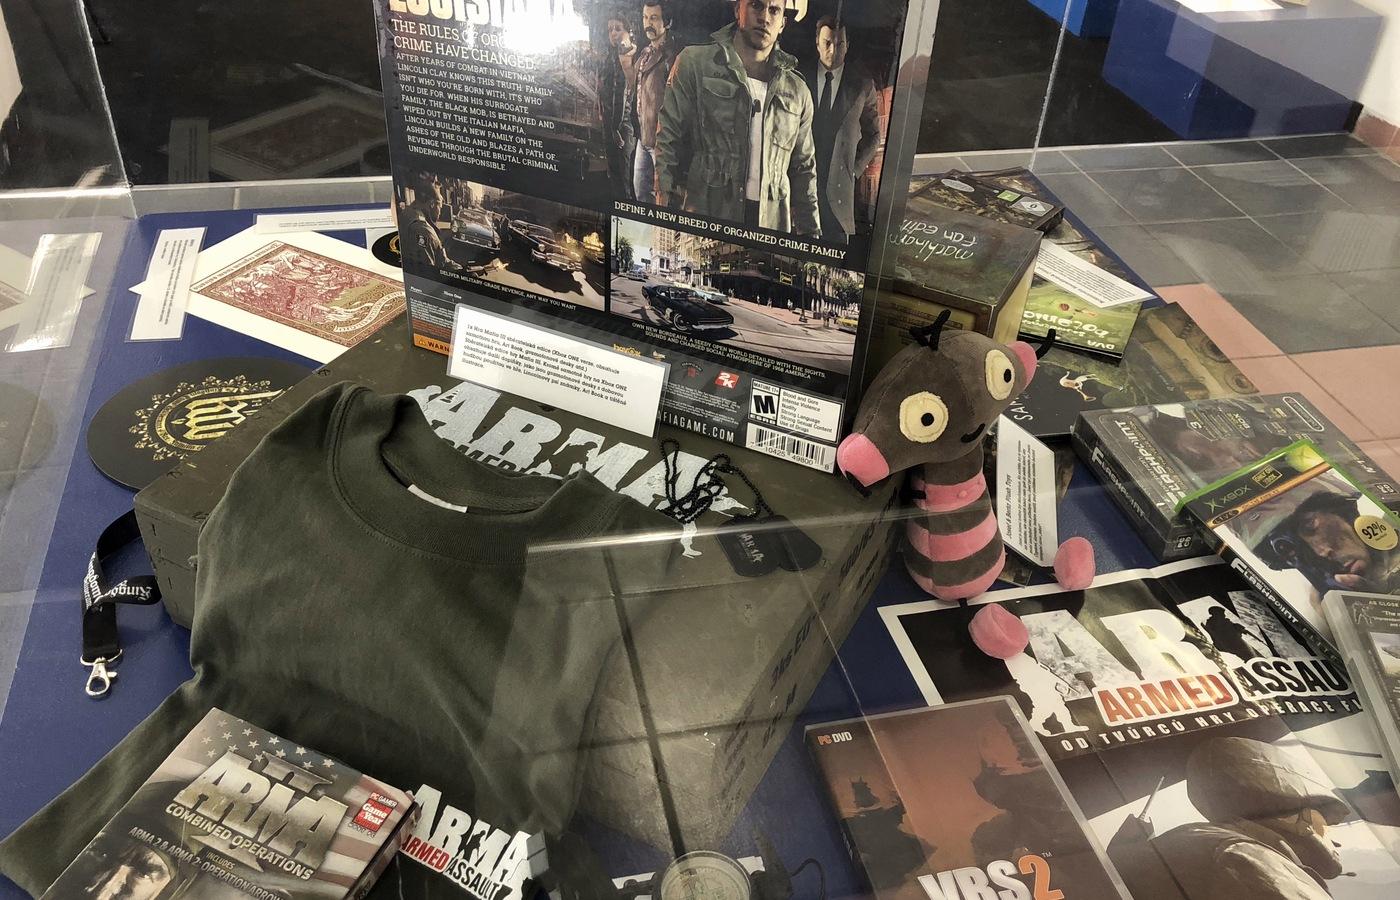 Tričko, plakát a další upomínkové předměty ke hře ArmA